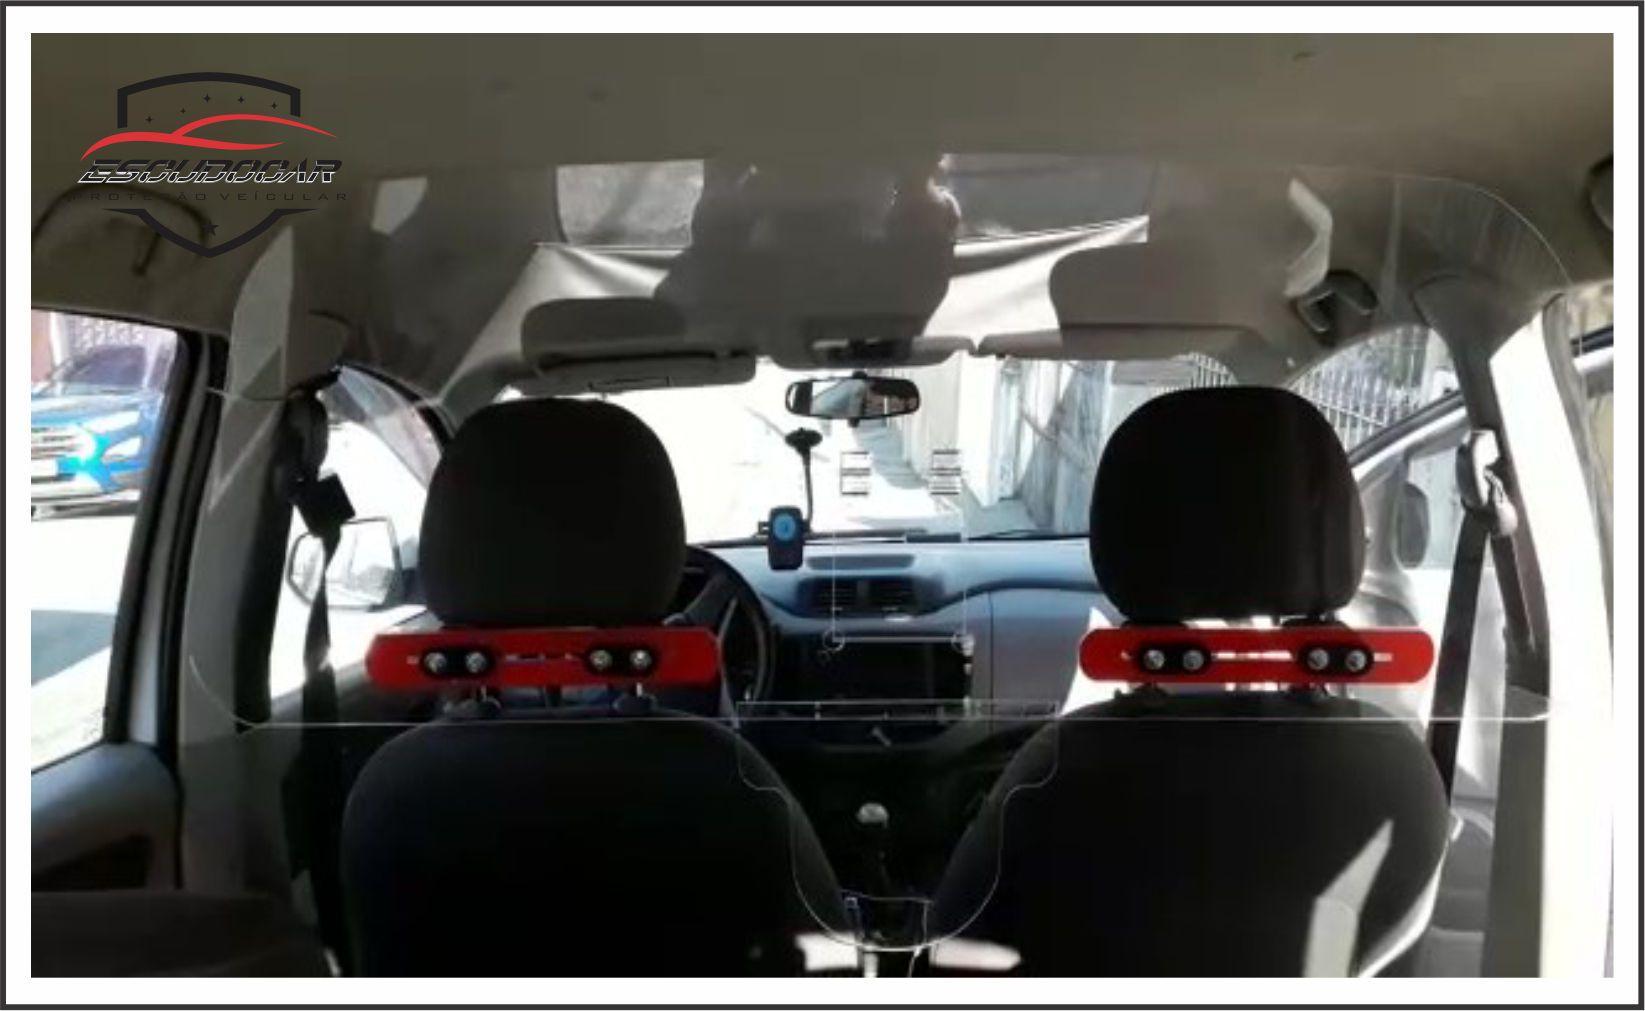 Placa Escudo para Proteção Veicular motorista aplicativo Uber Cabify 99 Taxi Escudocar